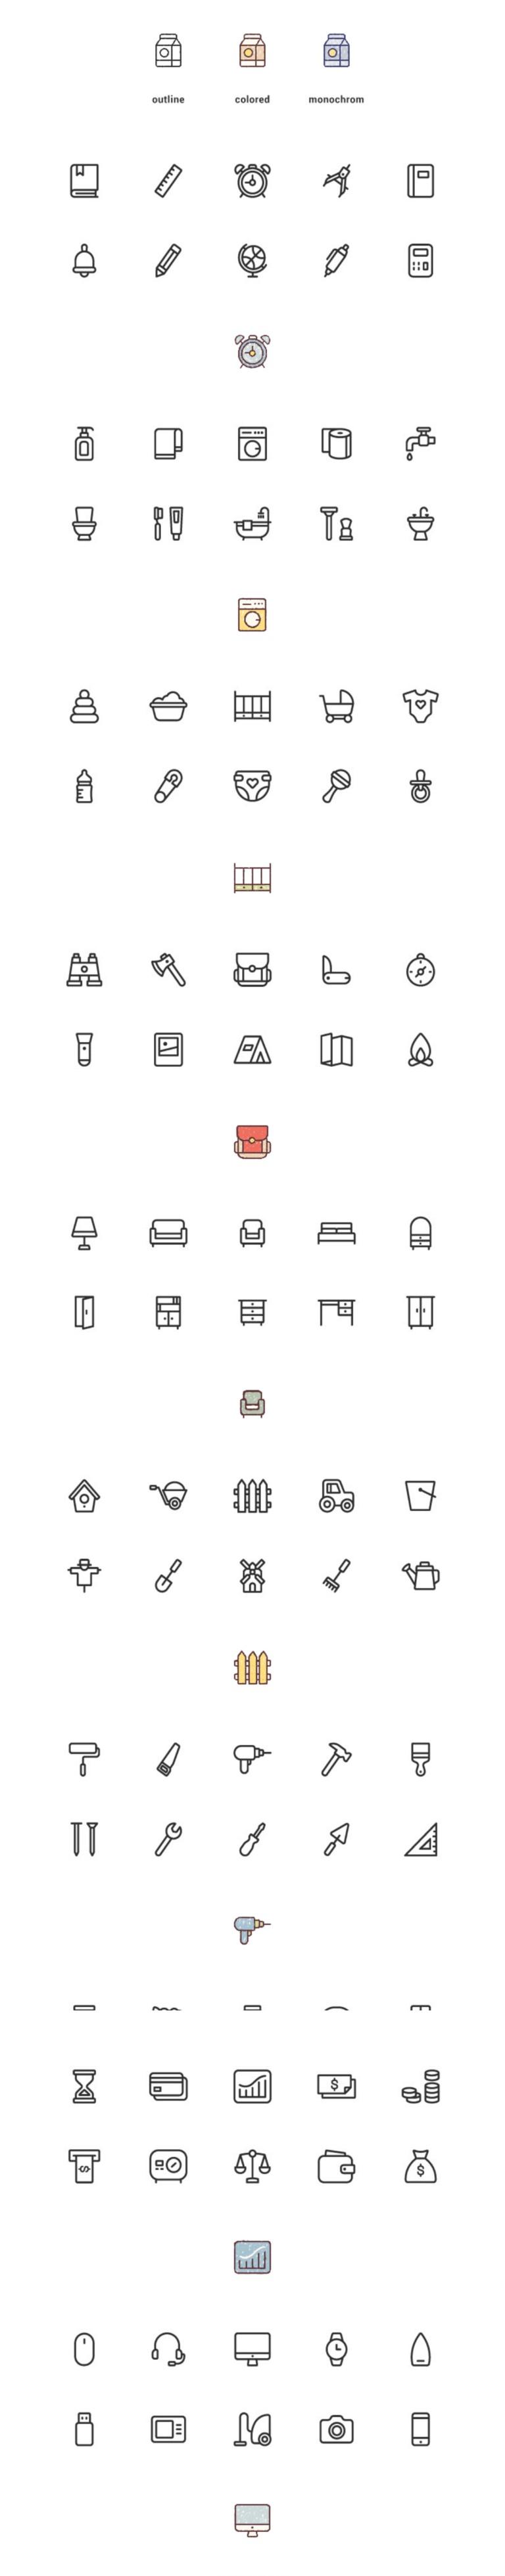 Набор из 150 векторных иконок